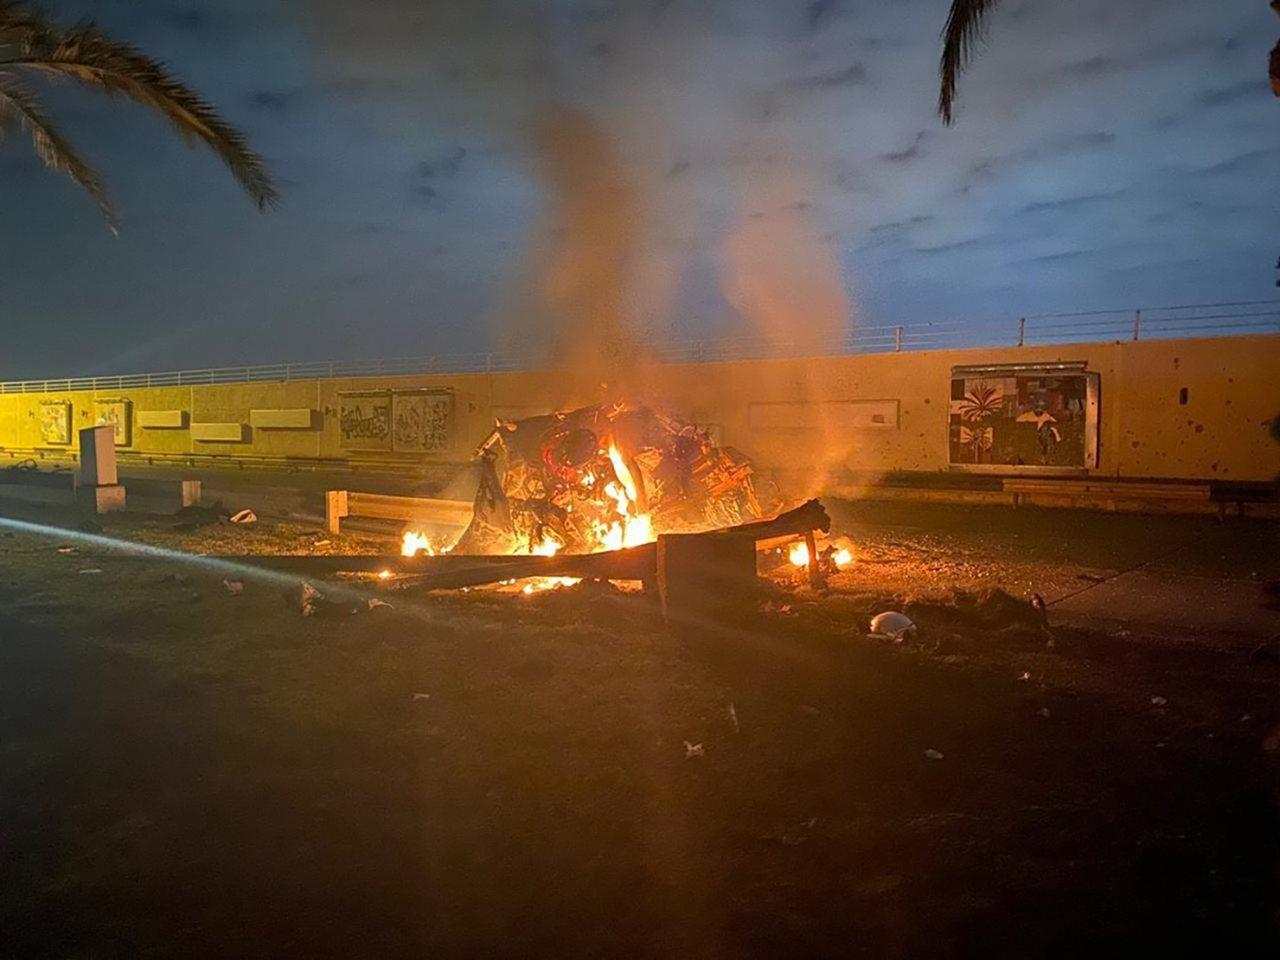 美軍上周發動空襲,擊斃伊朗最有權勢的軍事指揮官。圖為遭襲擊而著火的伊朗機場飛機。...